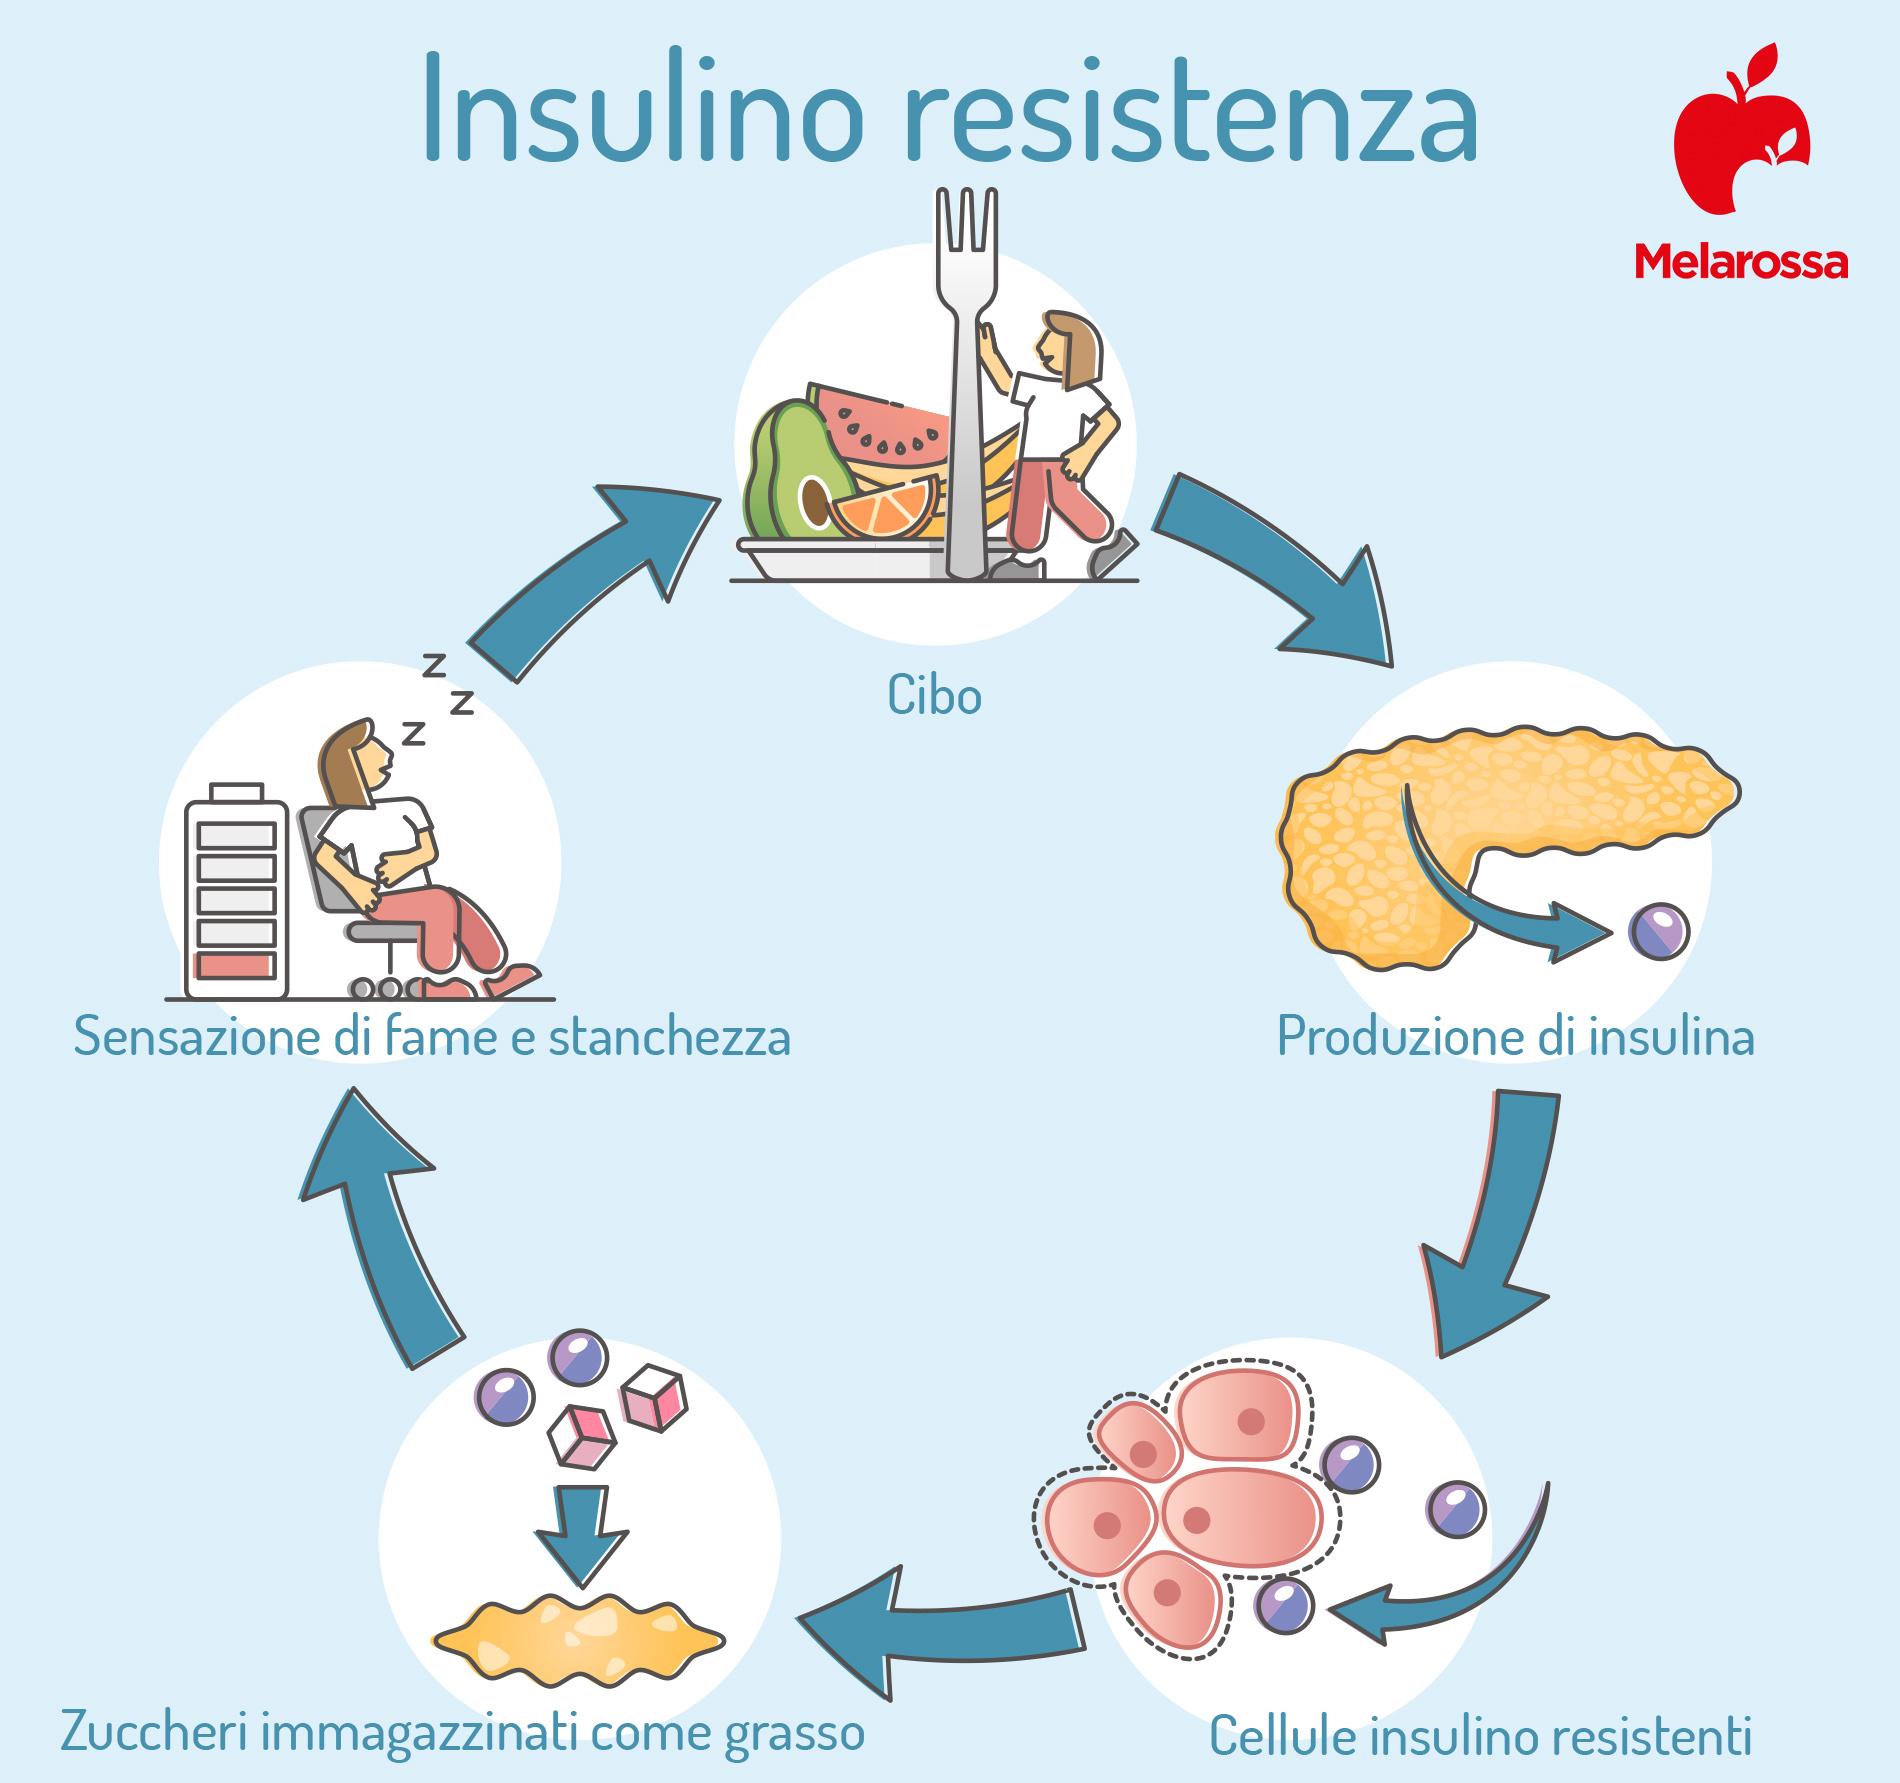 insulino resistenza: cos'è e sintomi